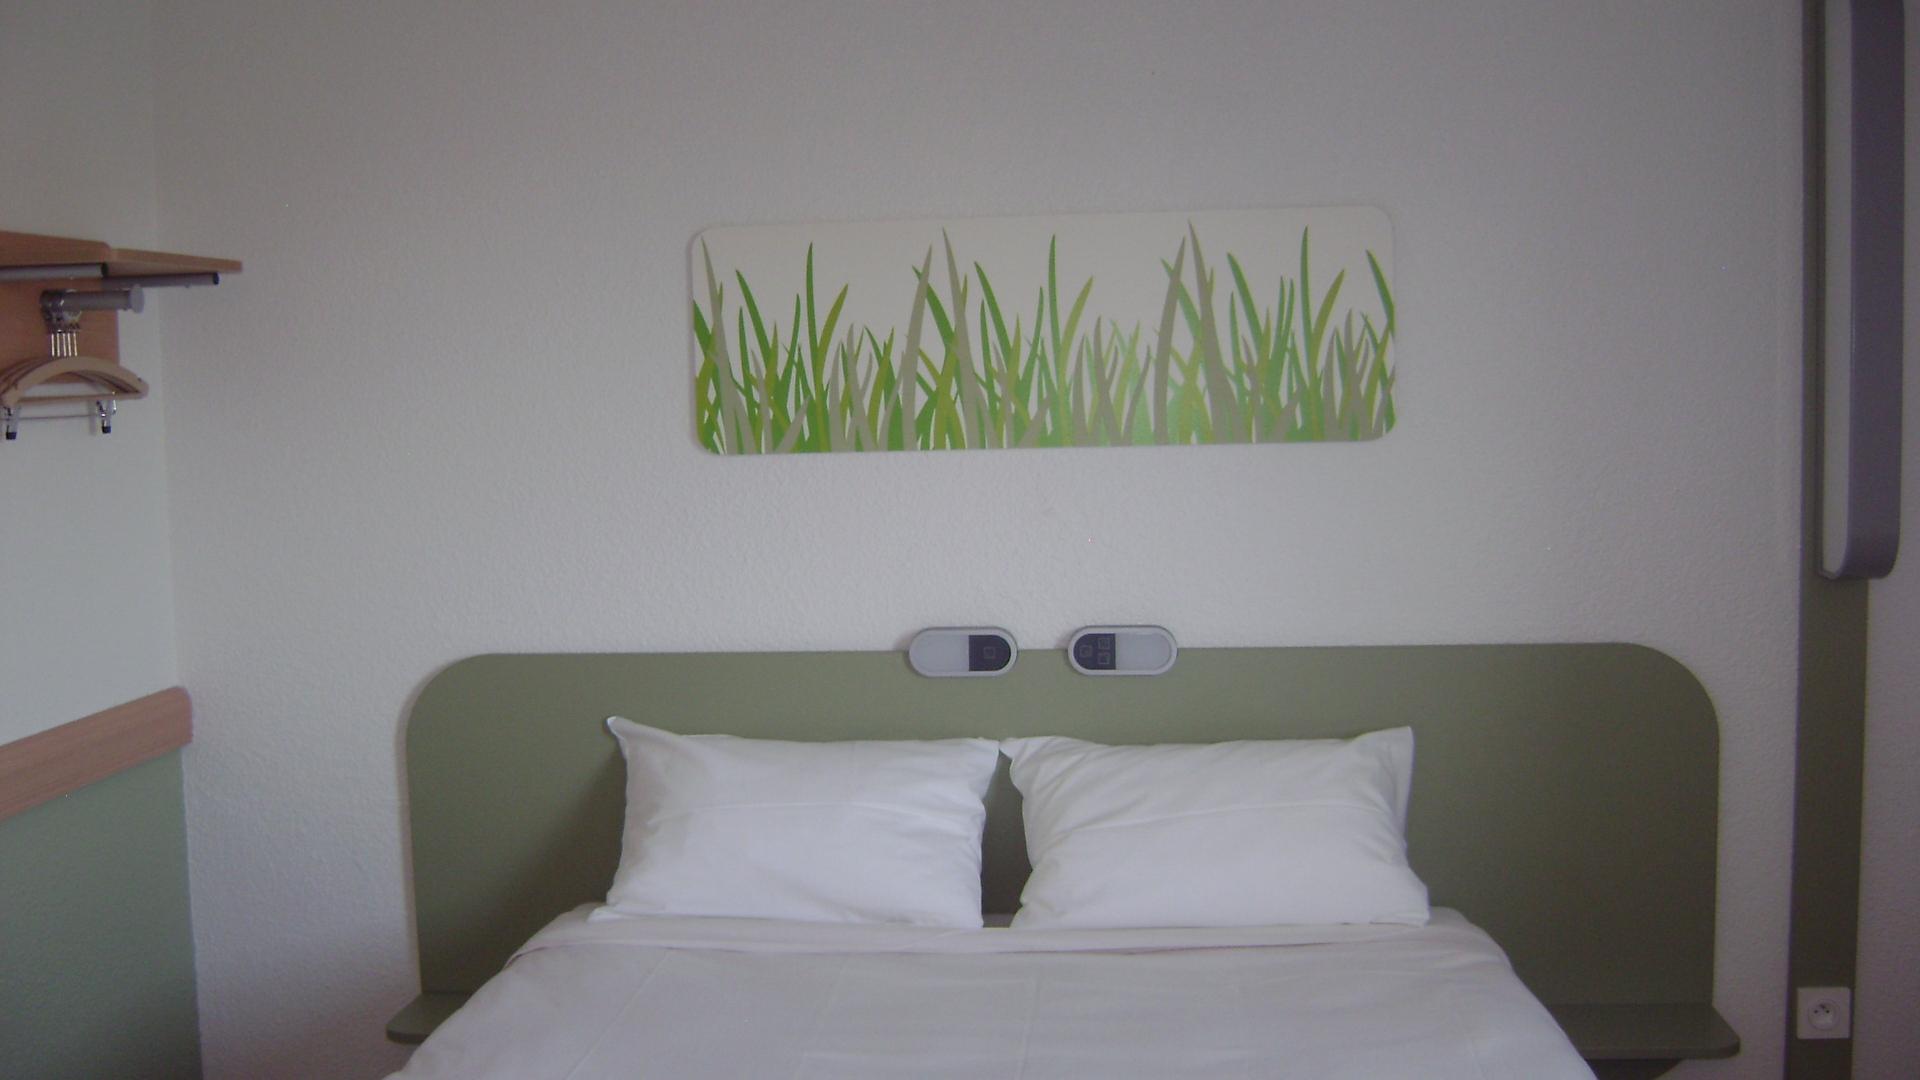 h tels 26. Black Bedroom Furniture Sets. Home Design Ideas